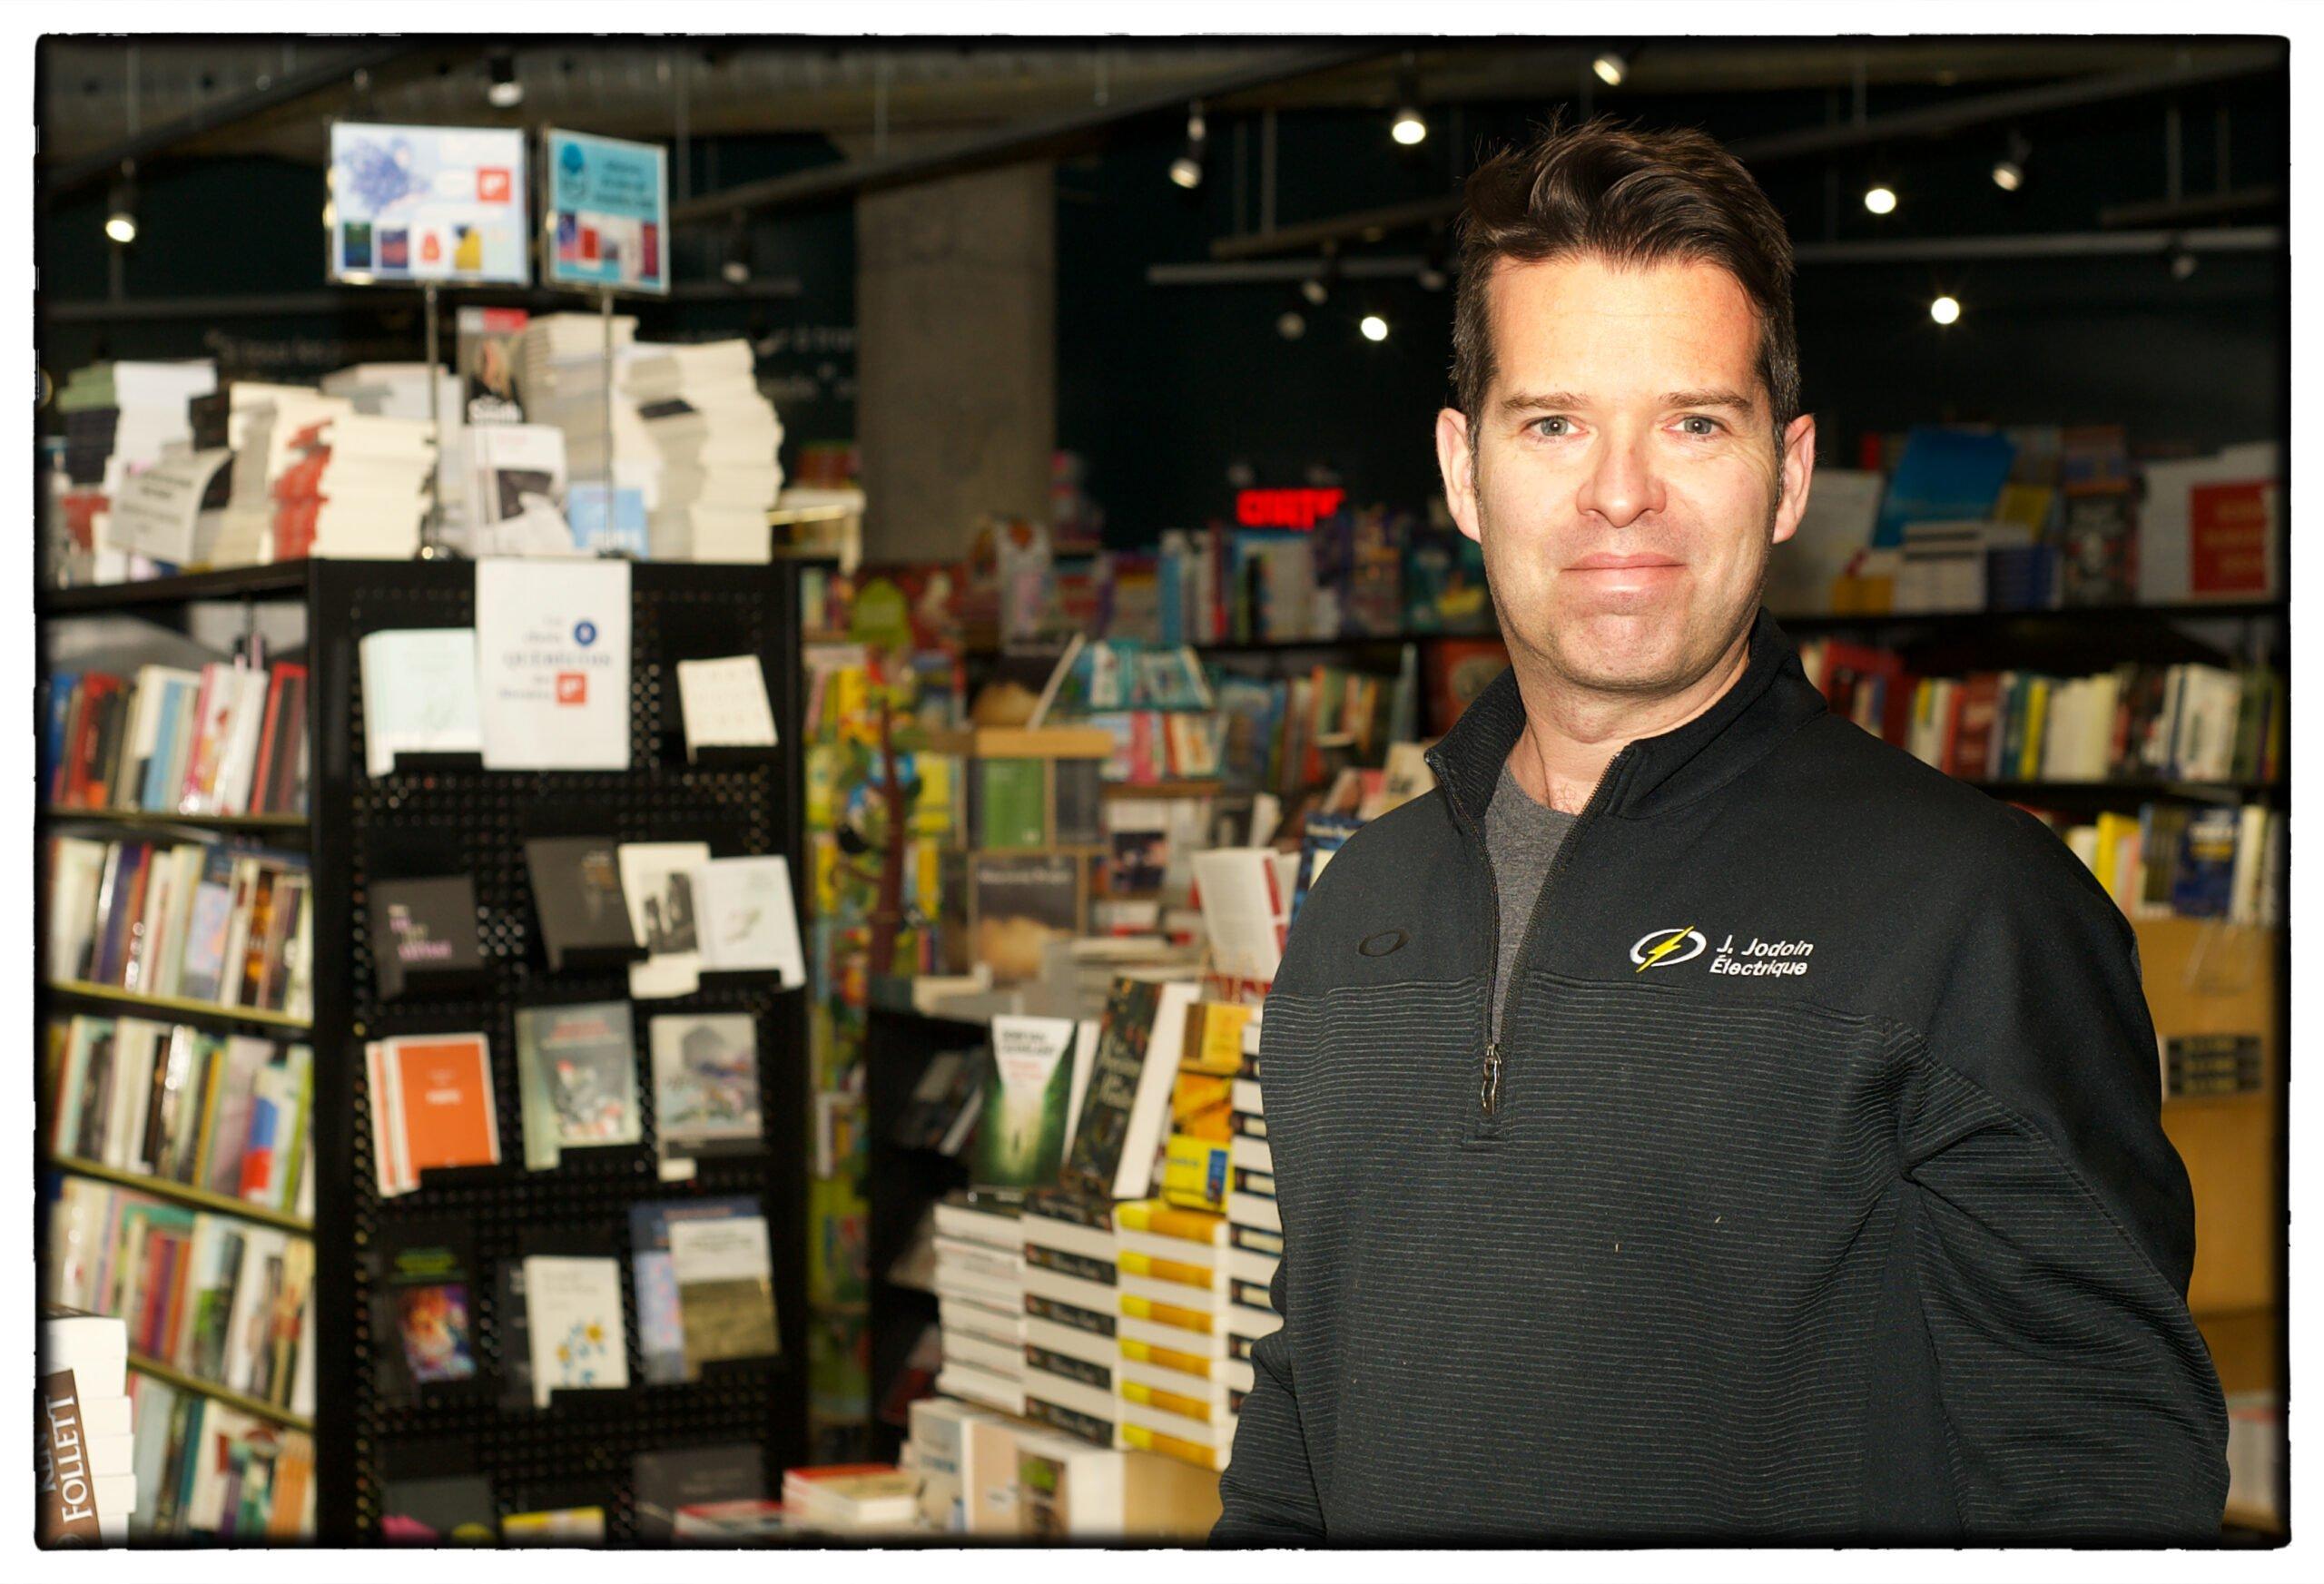 Jodoin-Personnalité d'affaires-Novembre, à la Librairie de Verdun. Photo Jack Mainville.